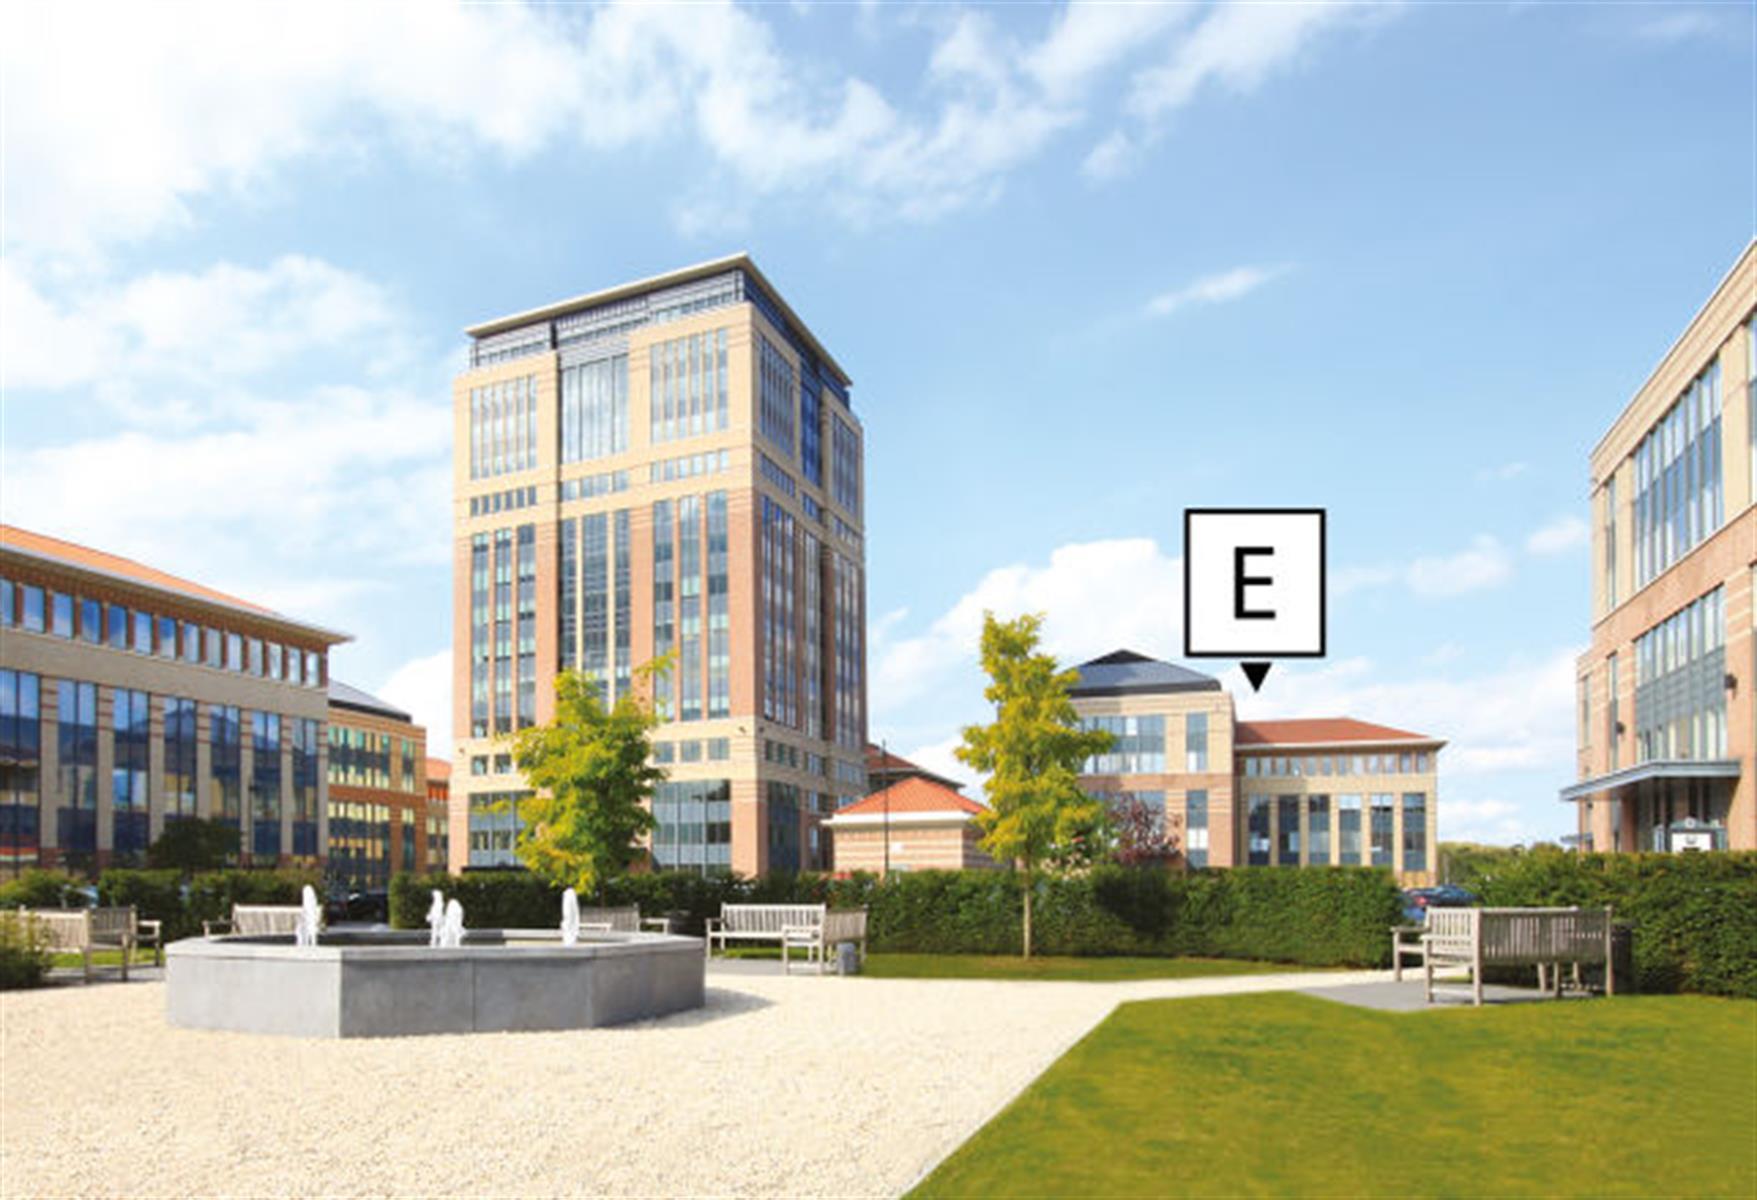 kantoor te huur I129 - Kantoor - Schalienhoevedreef 20 E, 2800 Mechelen, België 3